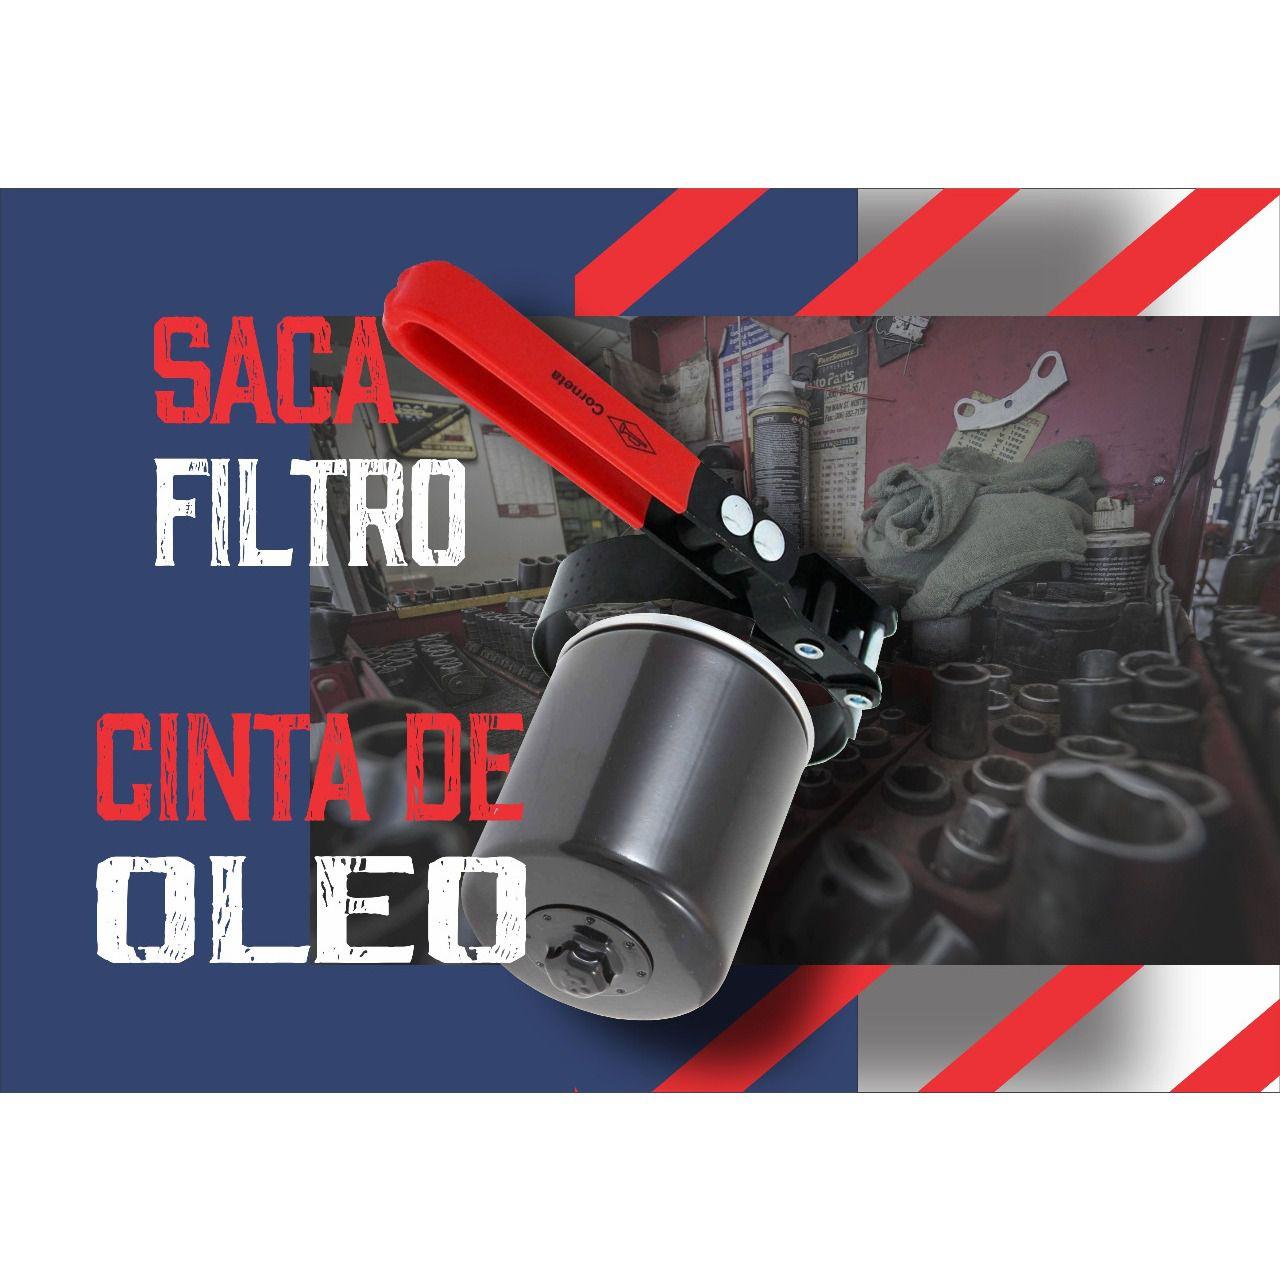 Chave Saca Filtro Cinta De Óleo 95 x 110mm Corneta Nº4  - Rea Comércio - Sua Loja Completa!